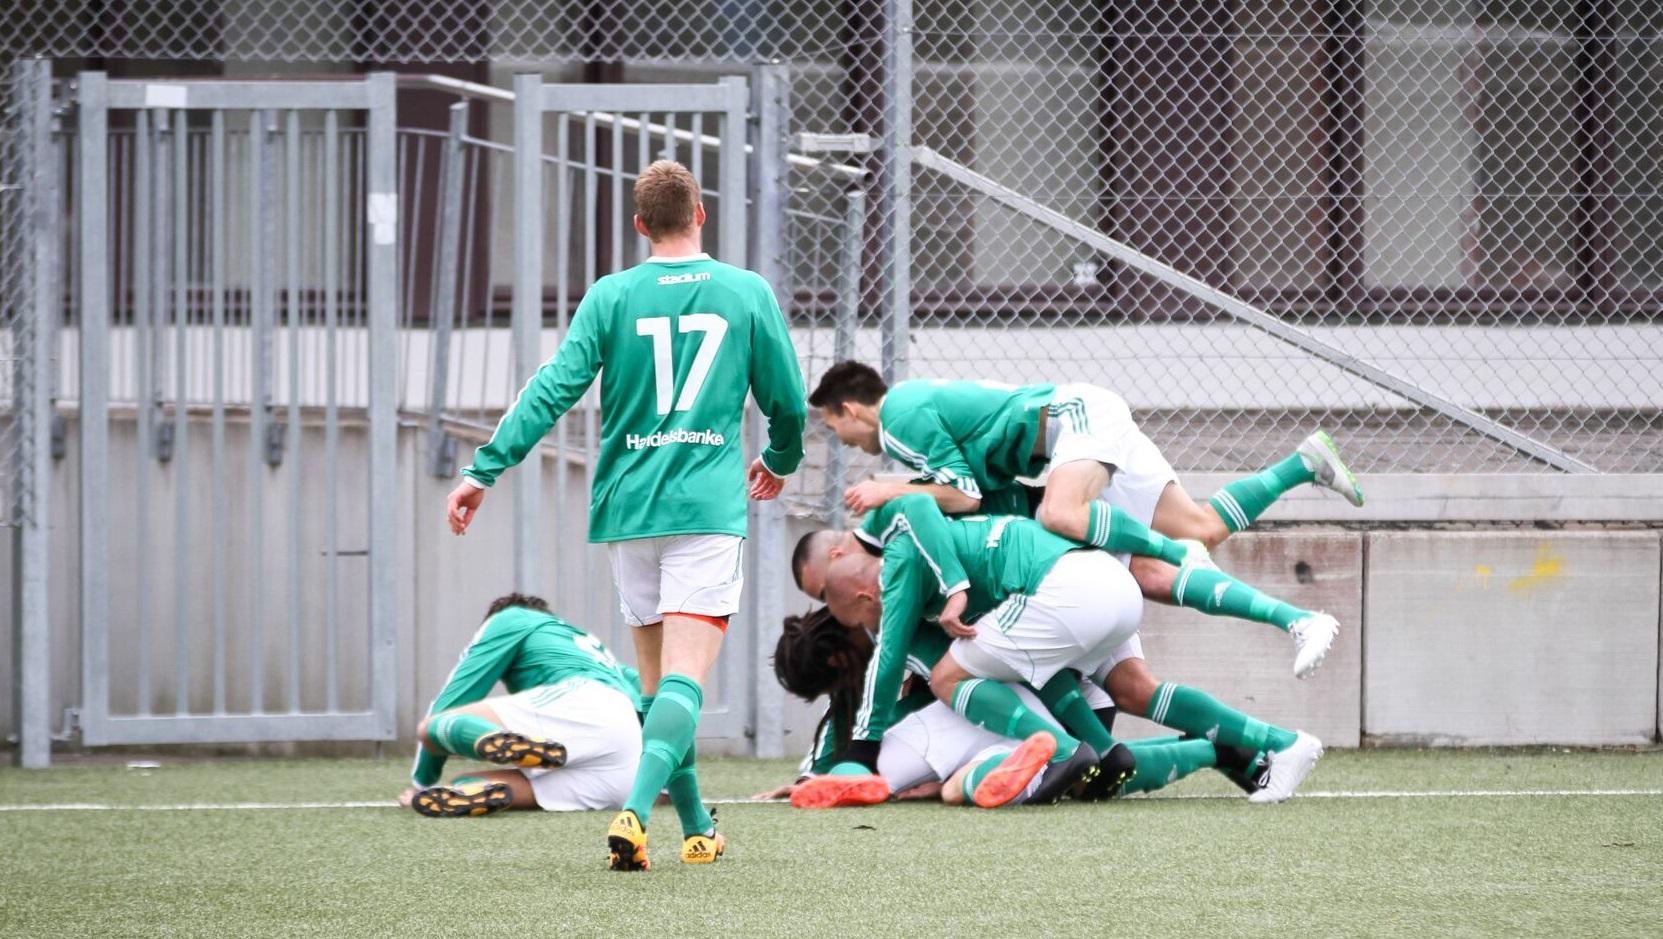 Herrarna hemmabesegrade BKV Norrtälje - Sundbybergs IK Fotboll 9652de29e1cb9